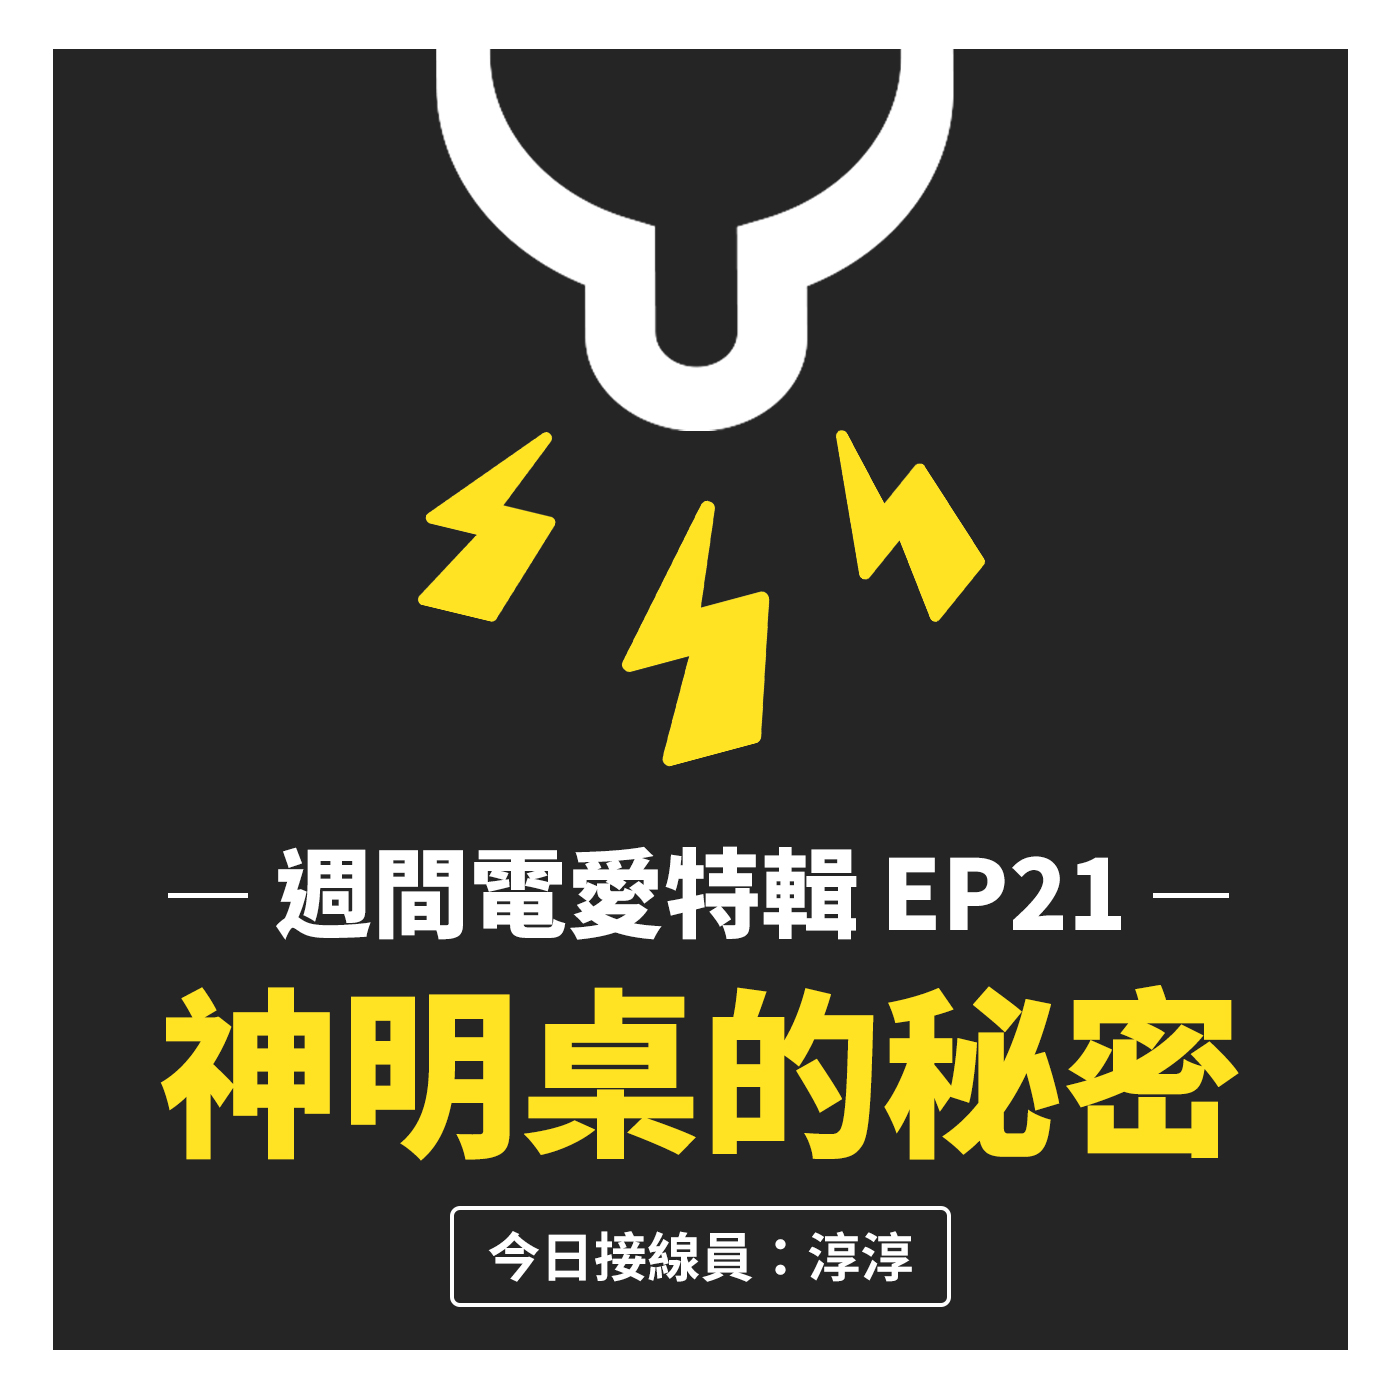 [週間電愛特輯] EP21 神明桌的秘密